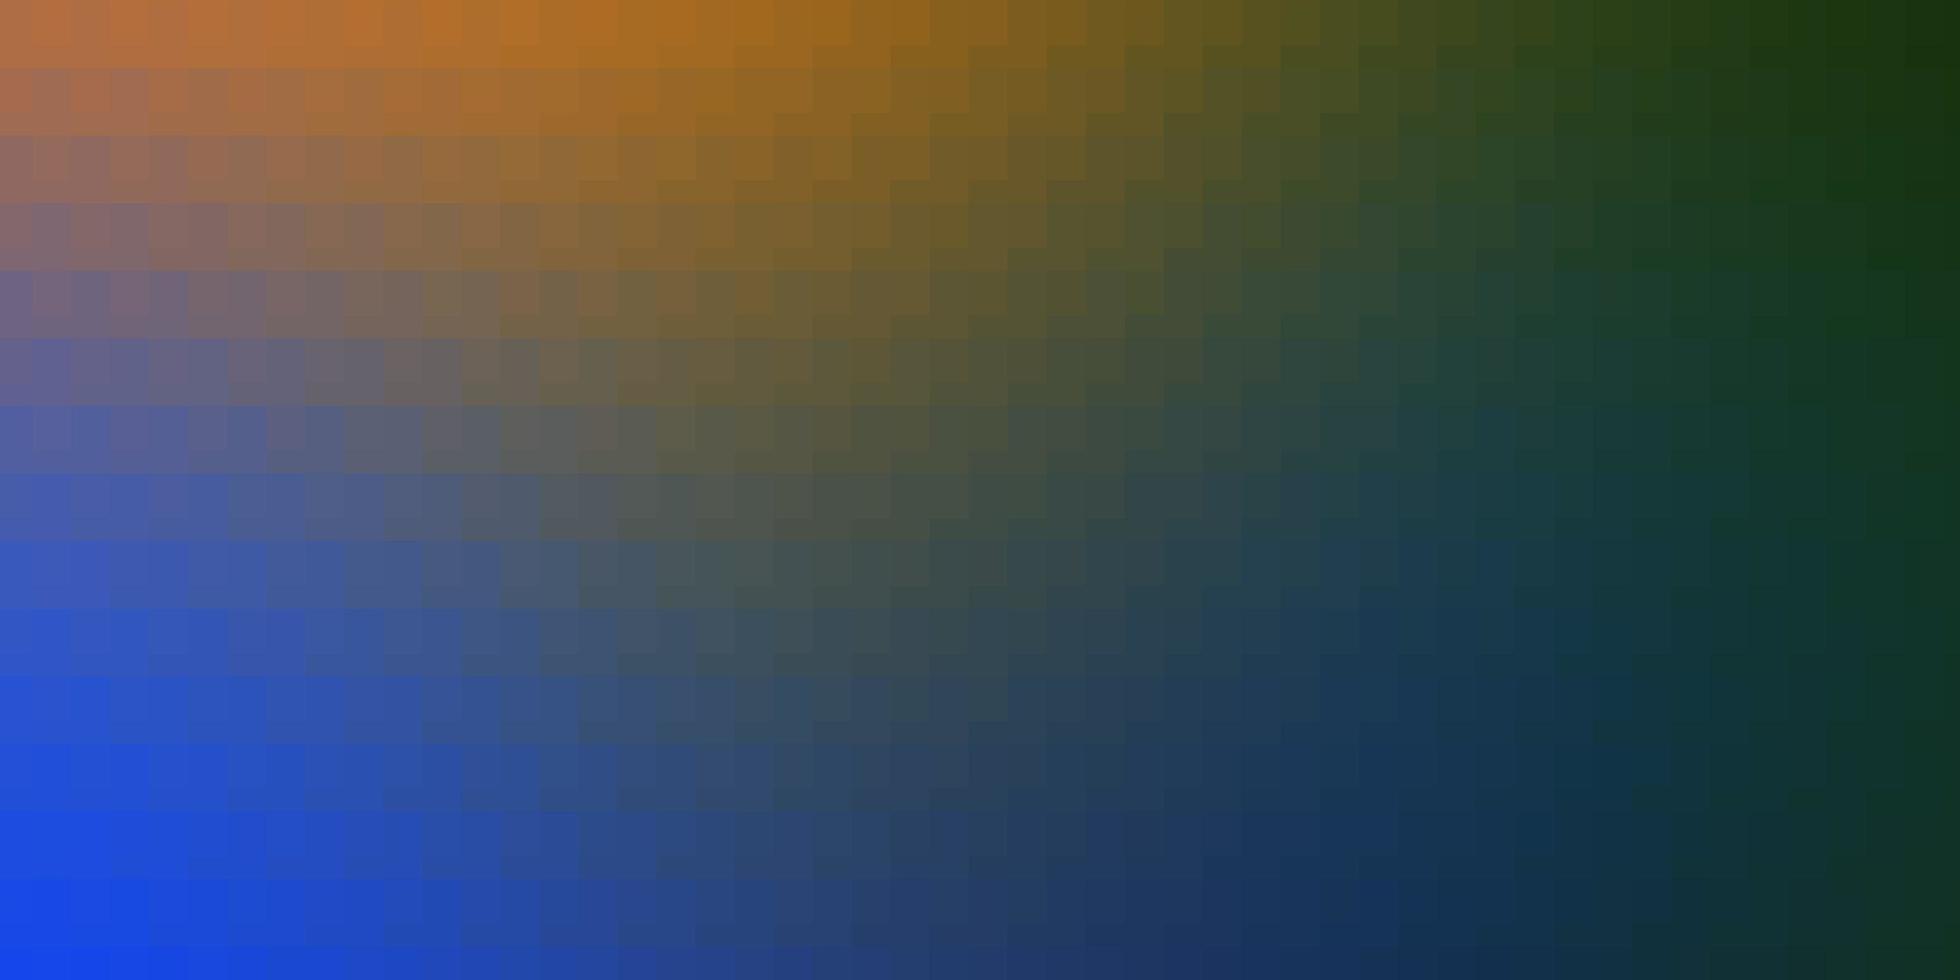 hellblauer, gelber Hintergrund mit Rechtecken. vektor